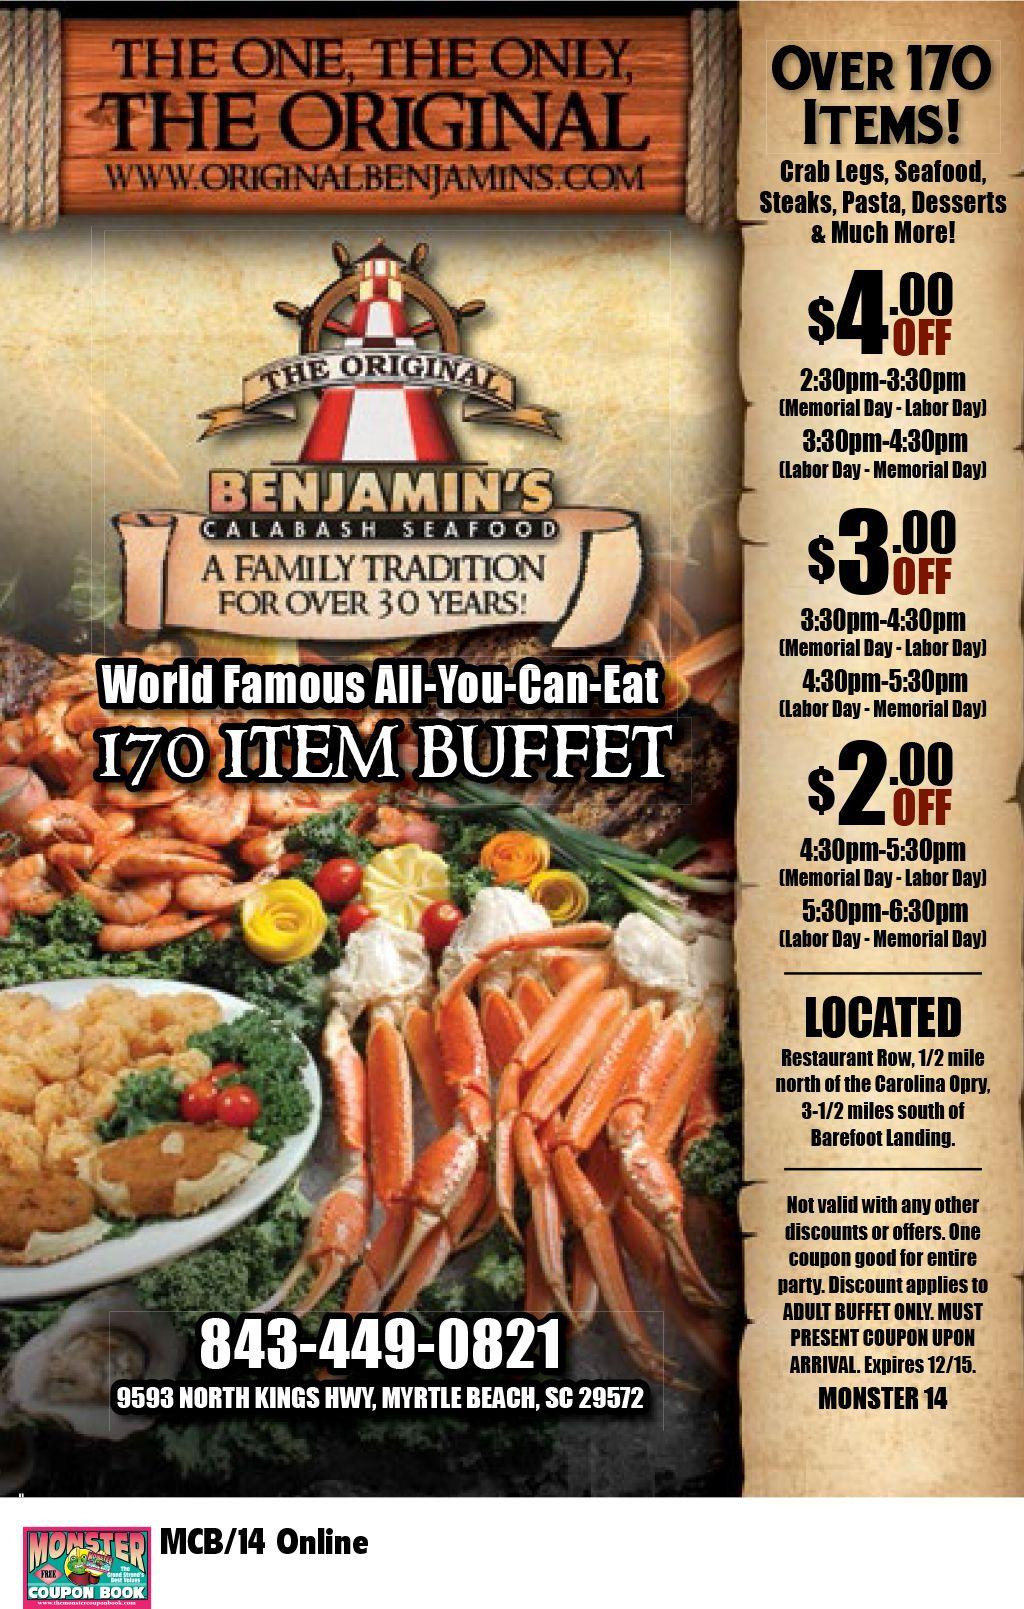 The Original Benjamin S Calabash Seafood Myrtle Beach Resorts Myrtle Beach Resorts Calabash Seafood Myrtle Beach Vacation